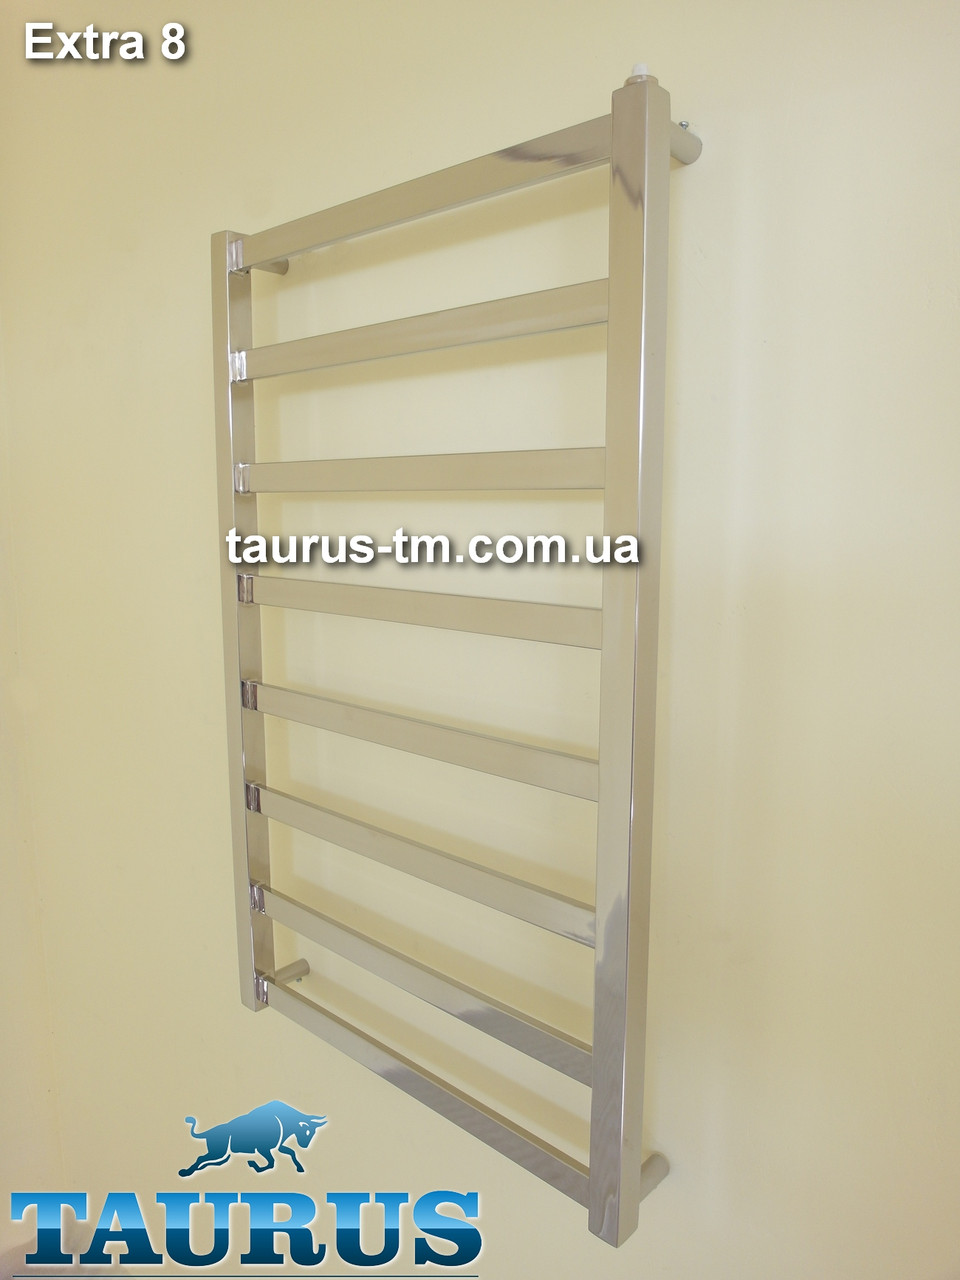 Узенький полотенцесушитель н/ж - Extra 8 перемычек / 850х400мм. Плоский, строгий дизайн от TAURUS